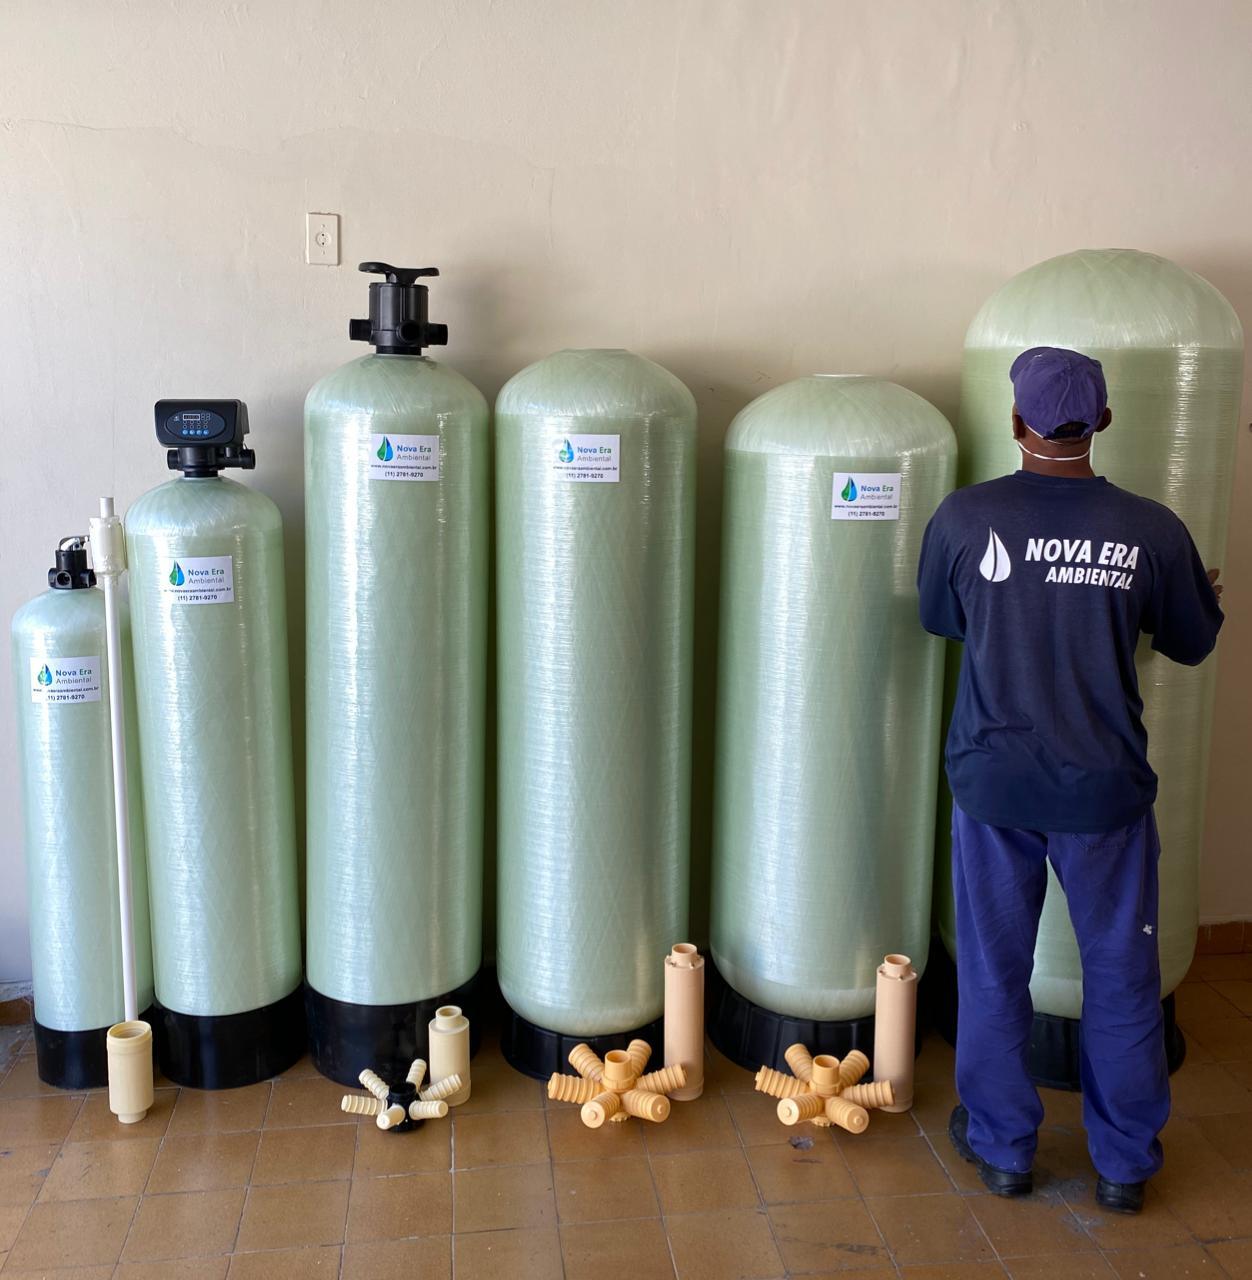 """FILTRO NEA46: de 4.000 a 6.000 litros/hora  ou  4 a 6m3/h - PADRAO 18X65"""" - inclusa válvula seletora, crepinas e tubo central"""